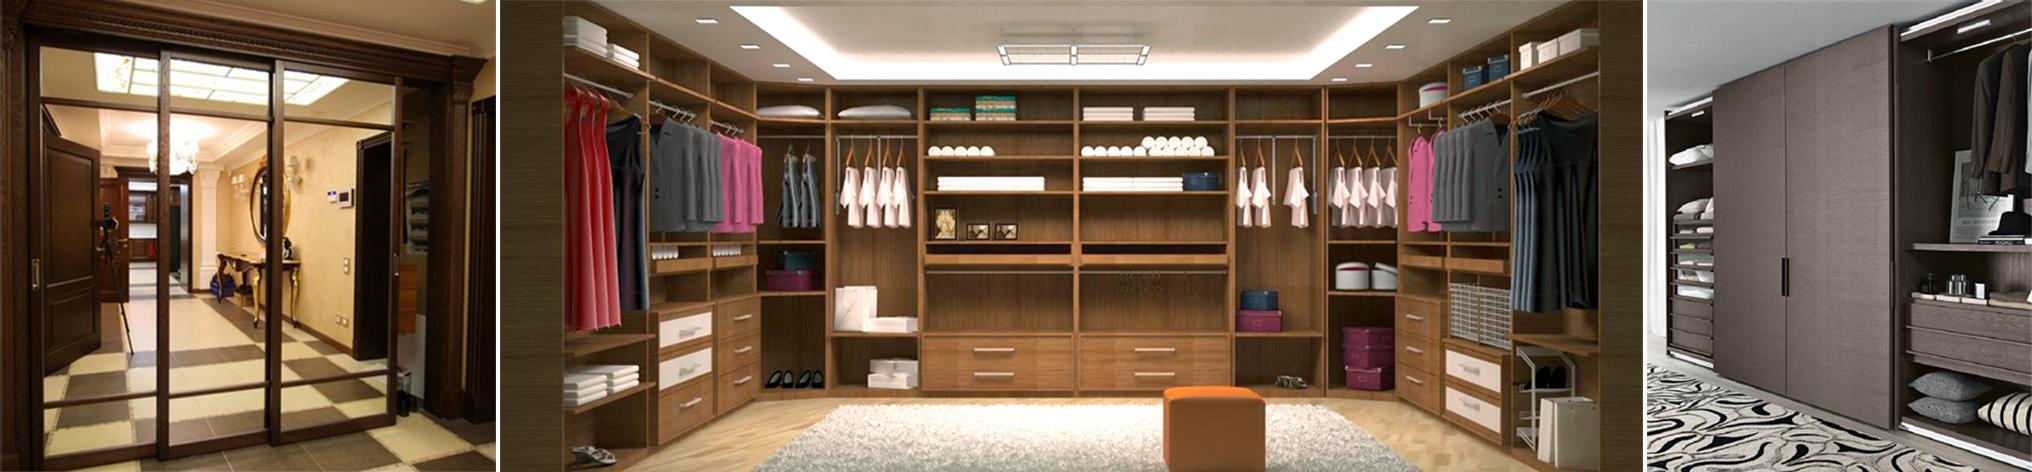 7 советов как не прогадать в покупке мебели